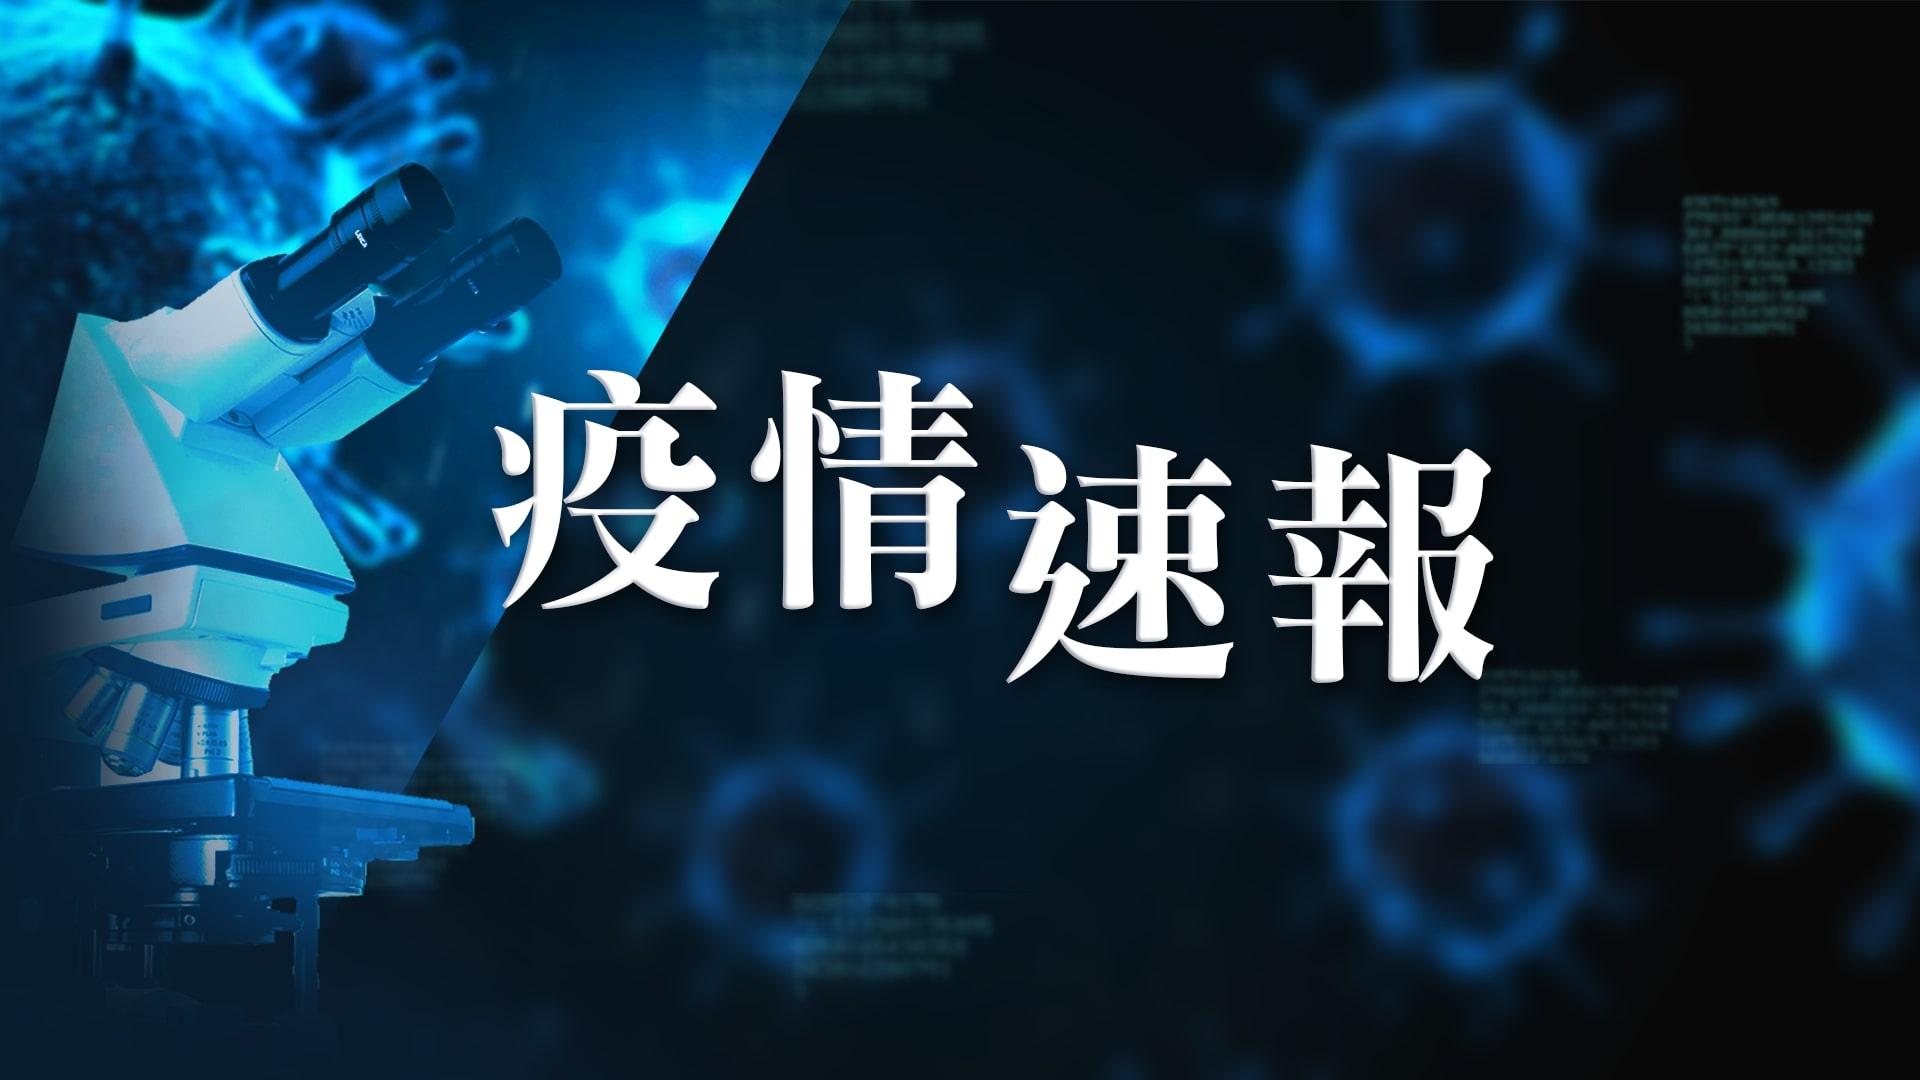 【10月31日疫情速報】(23:30)